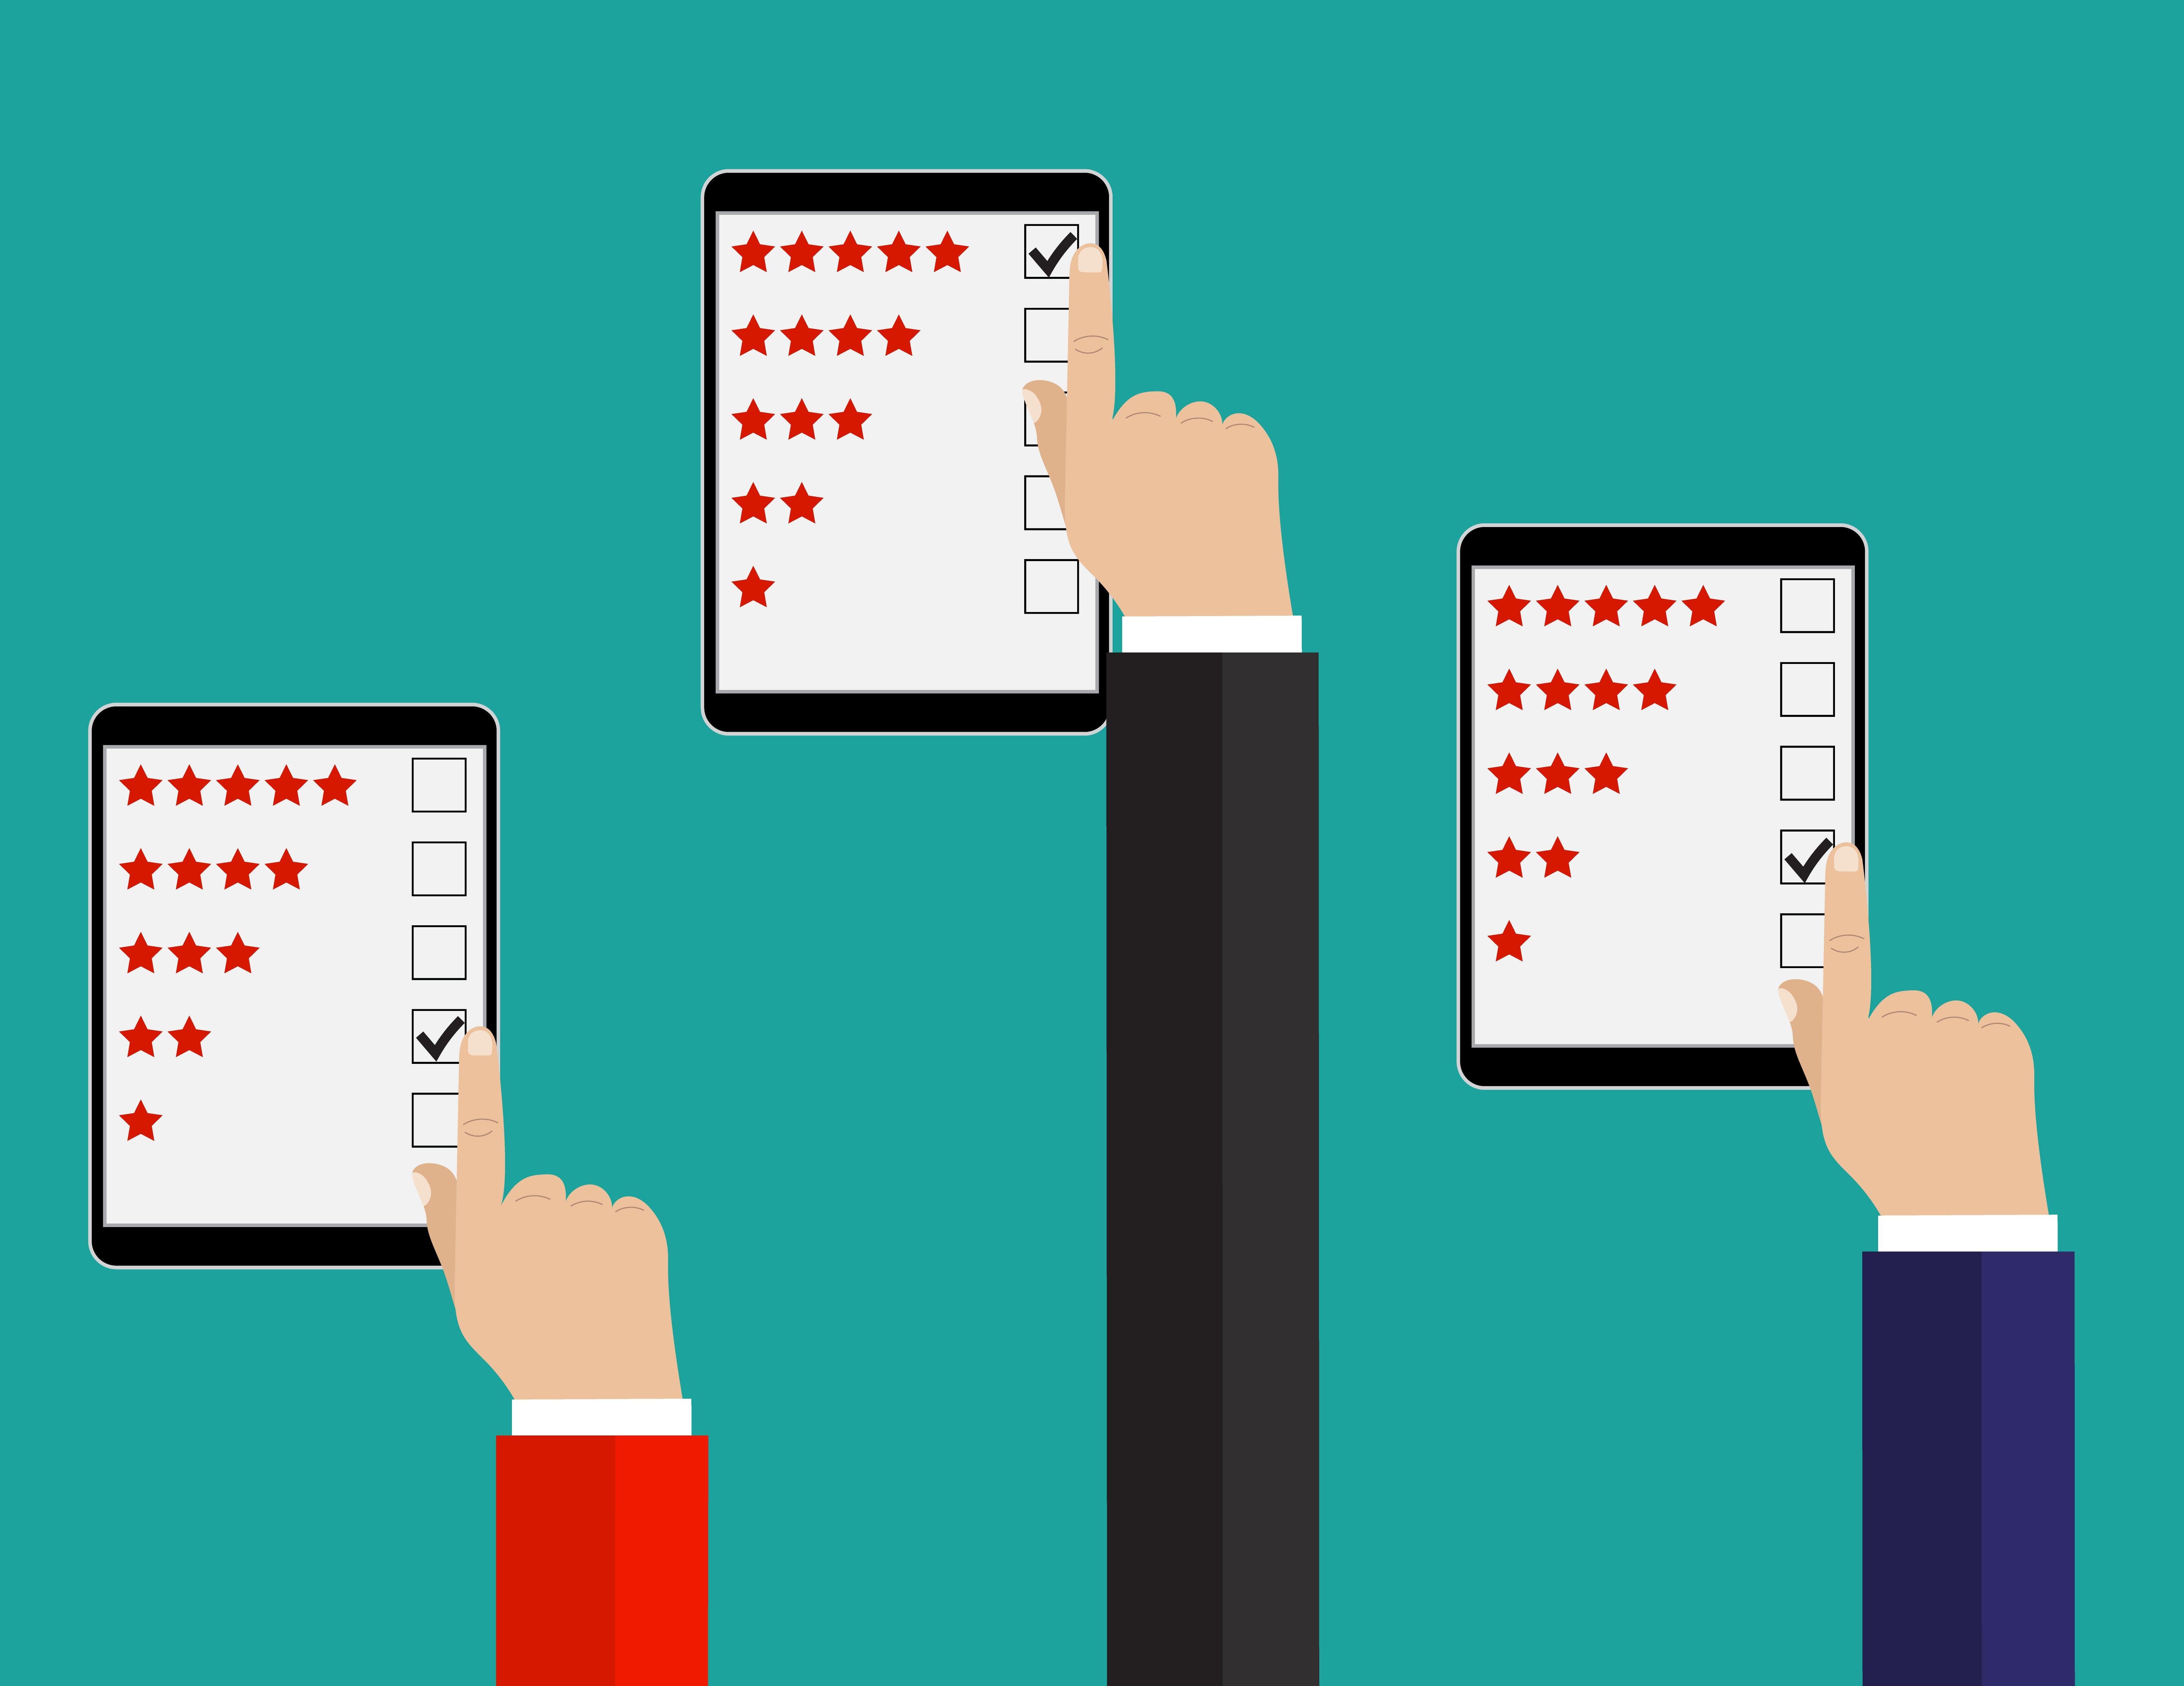 hands on tablets showing asset management